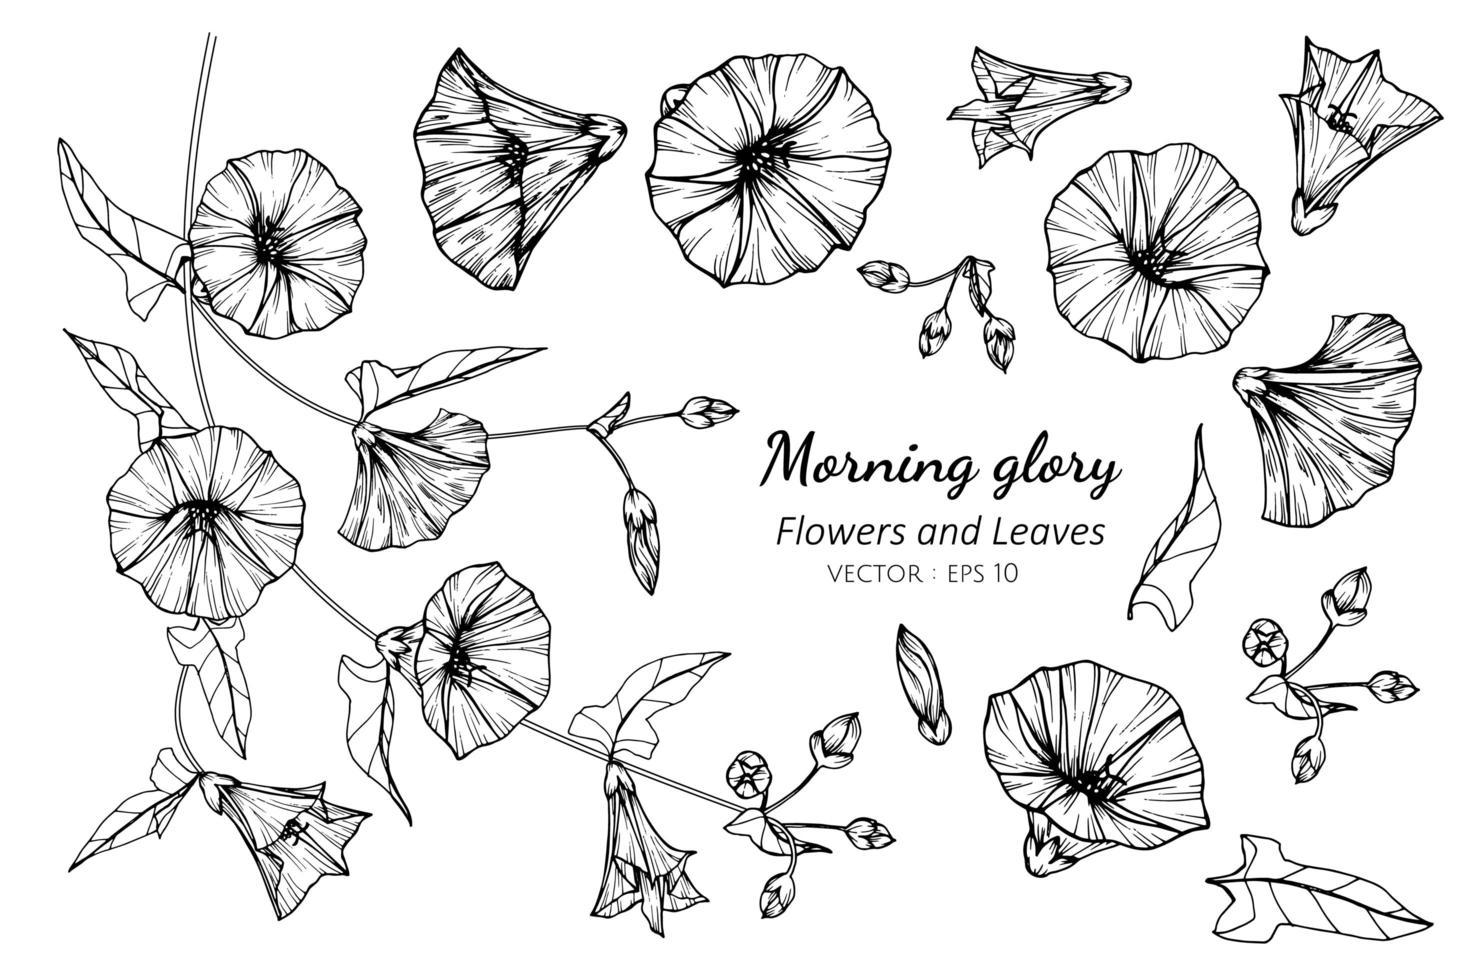 Sammlung von Blumen und Blättern der Winde vektor